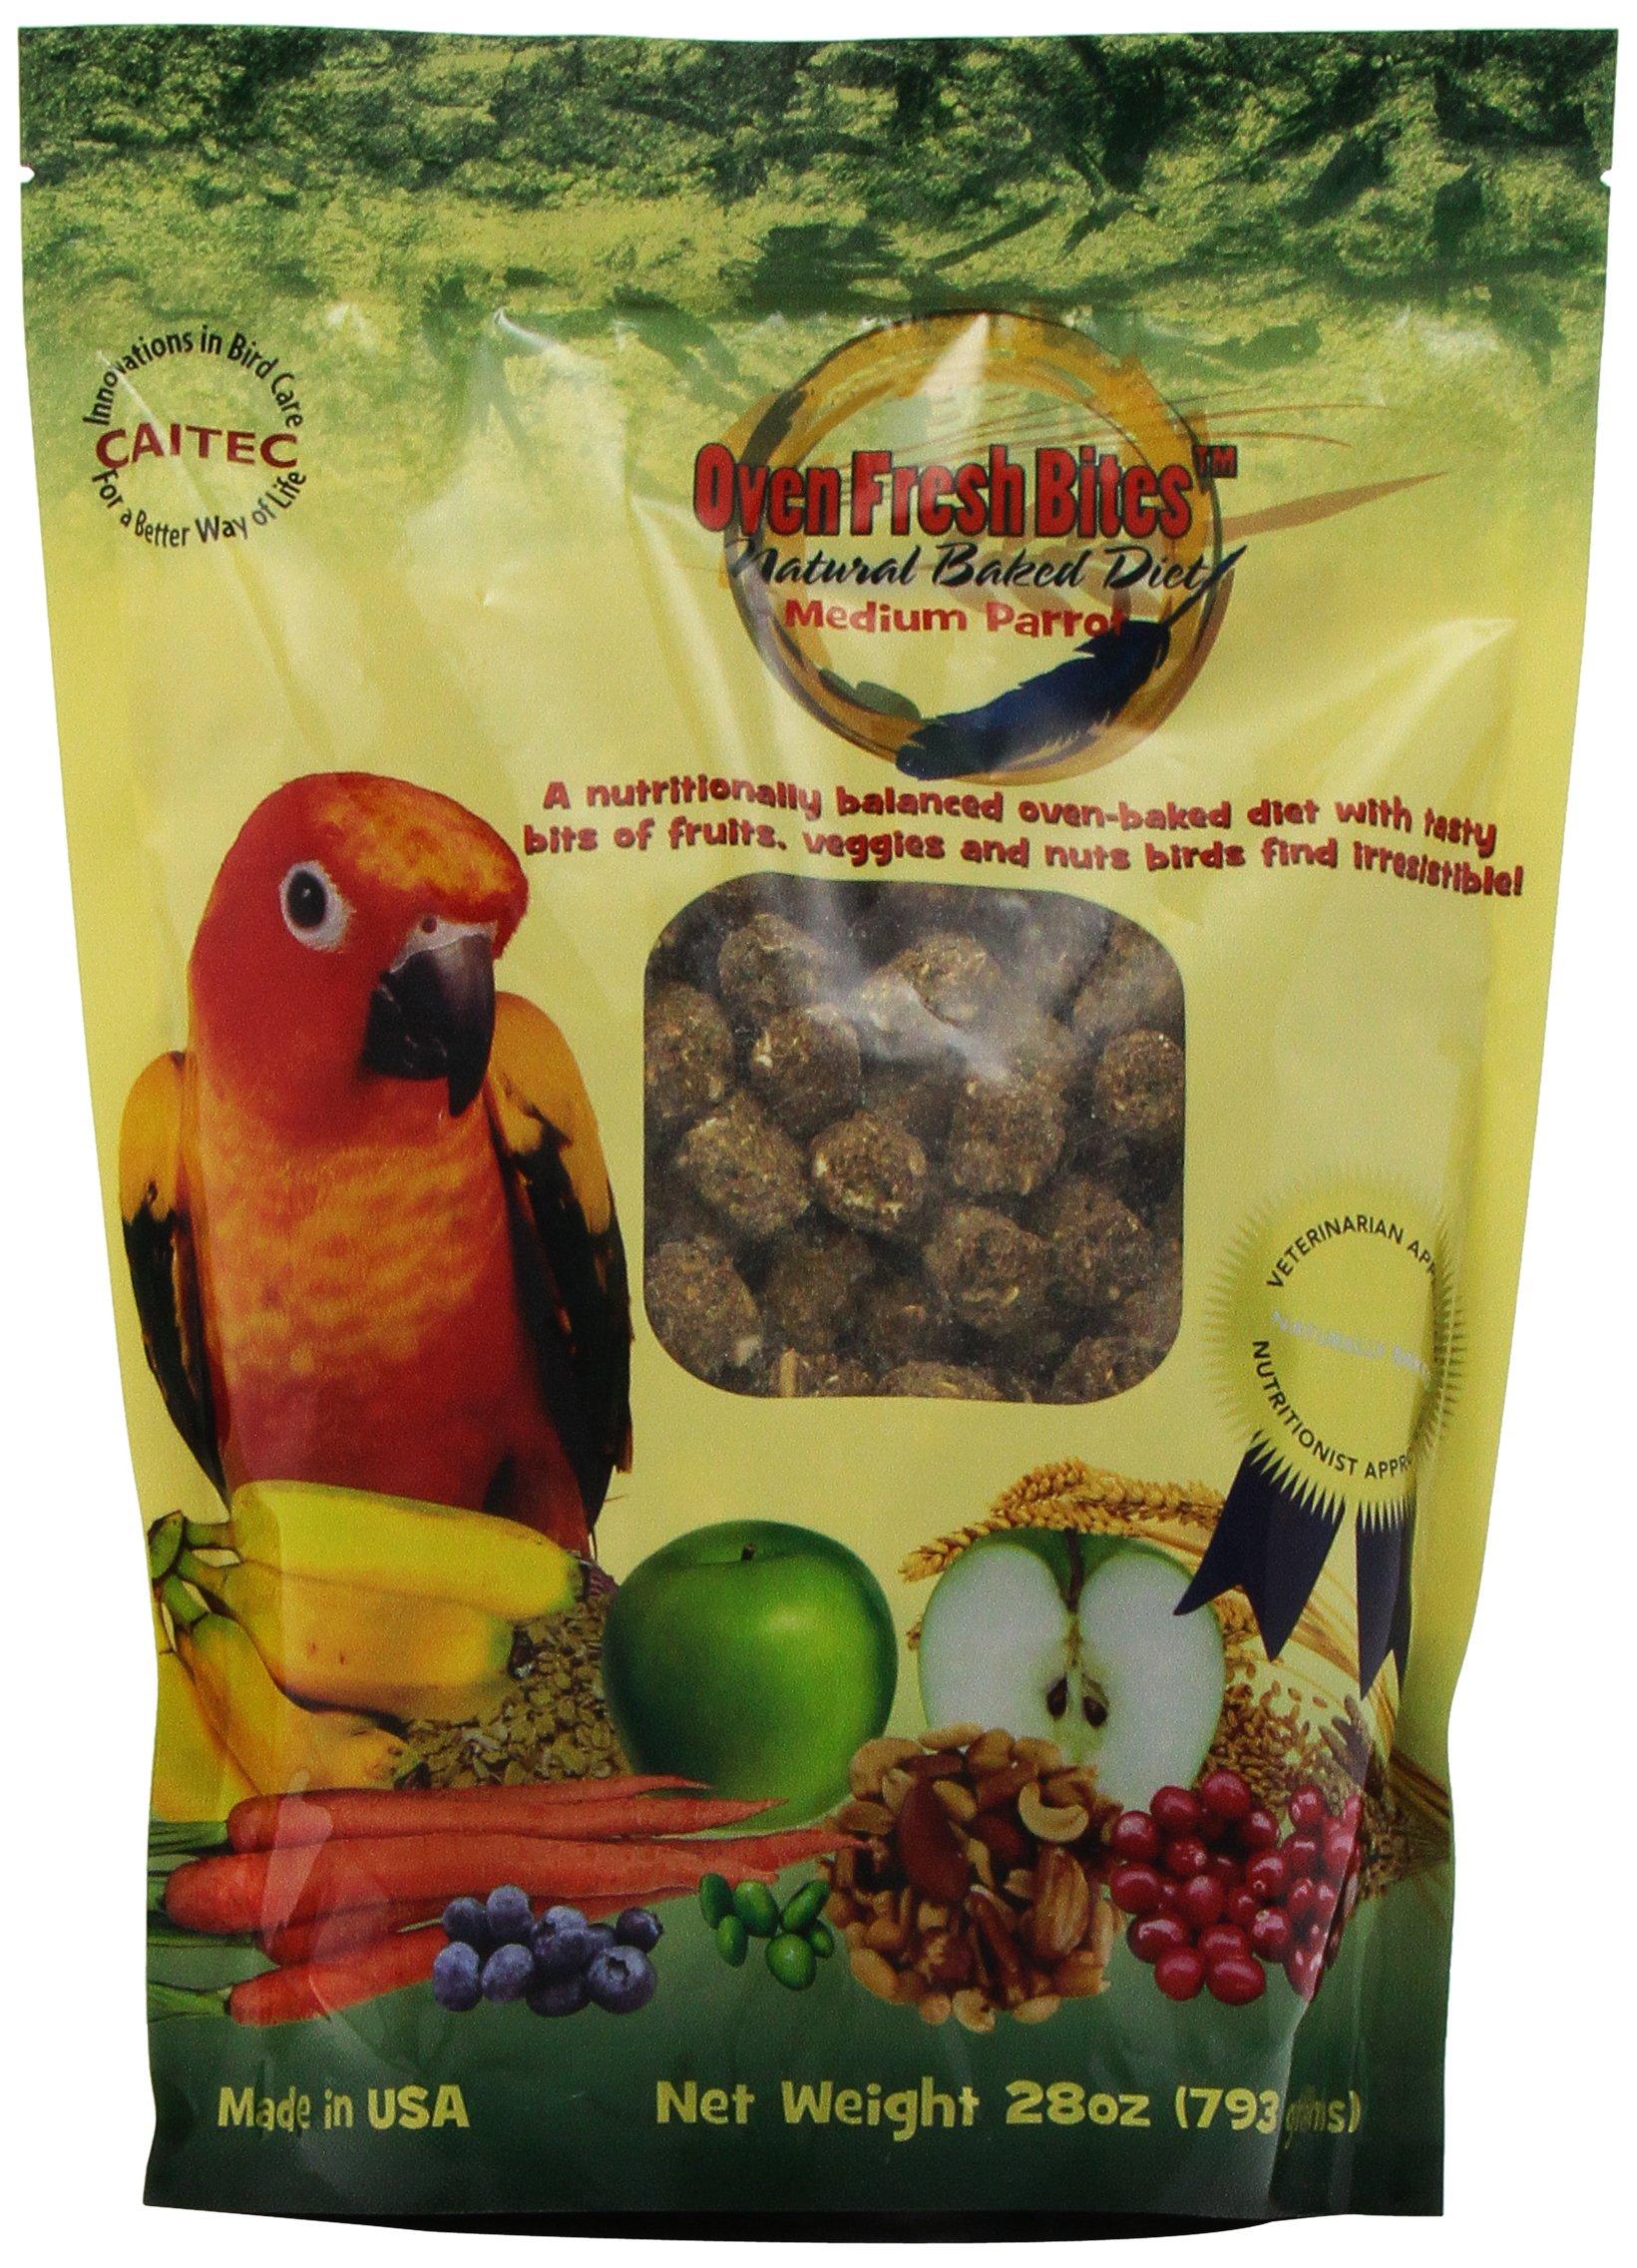 Oven Fresh Bites Natural Baked Avian Diet, Nutritional, Whole Grain, Medium Parrot, 28 Oz. Bag by Oven Fresh Bites